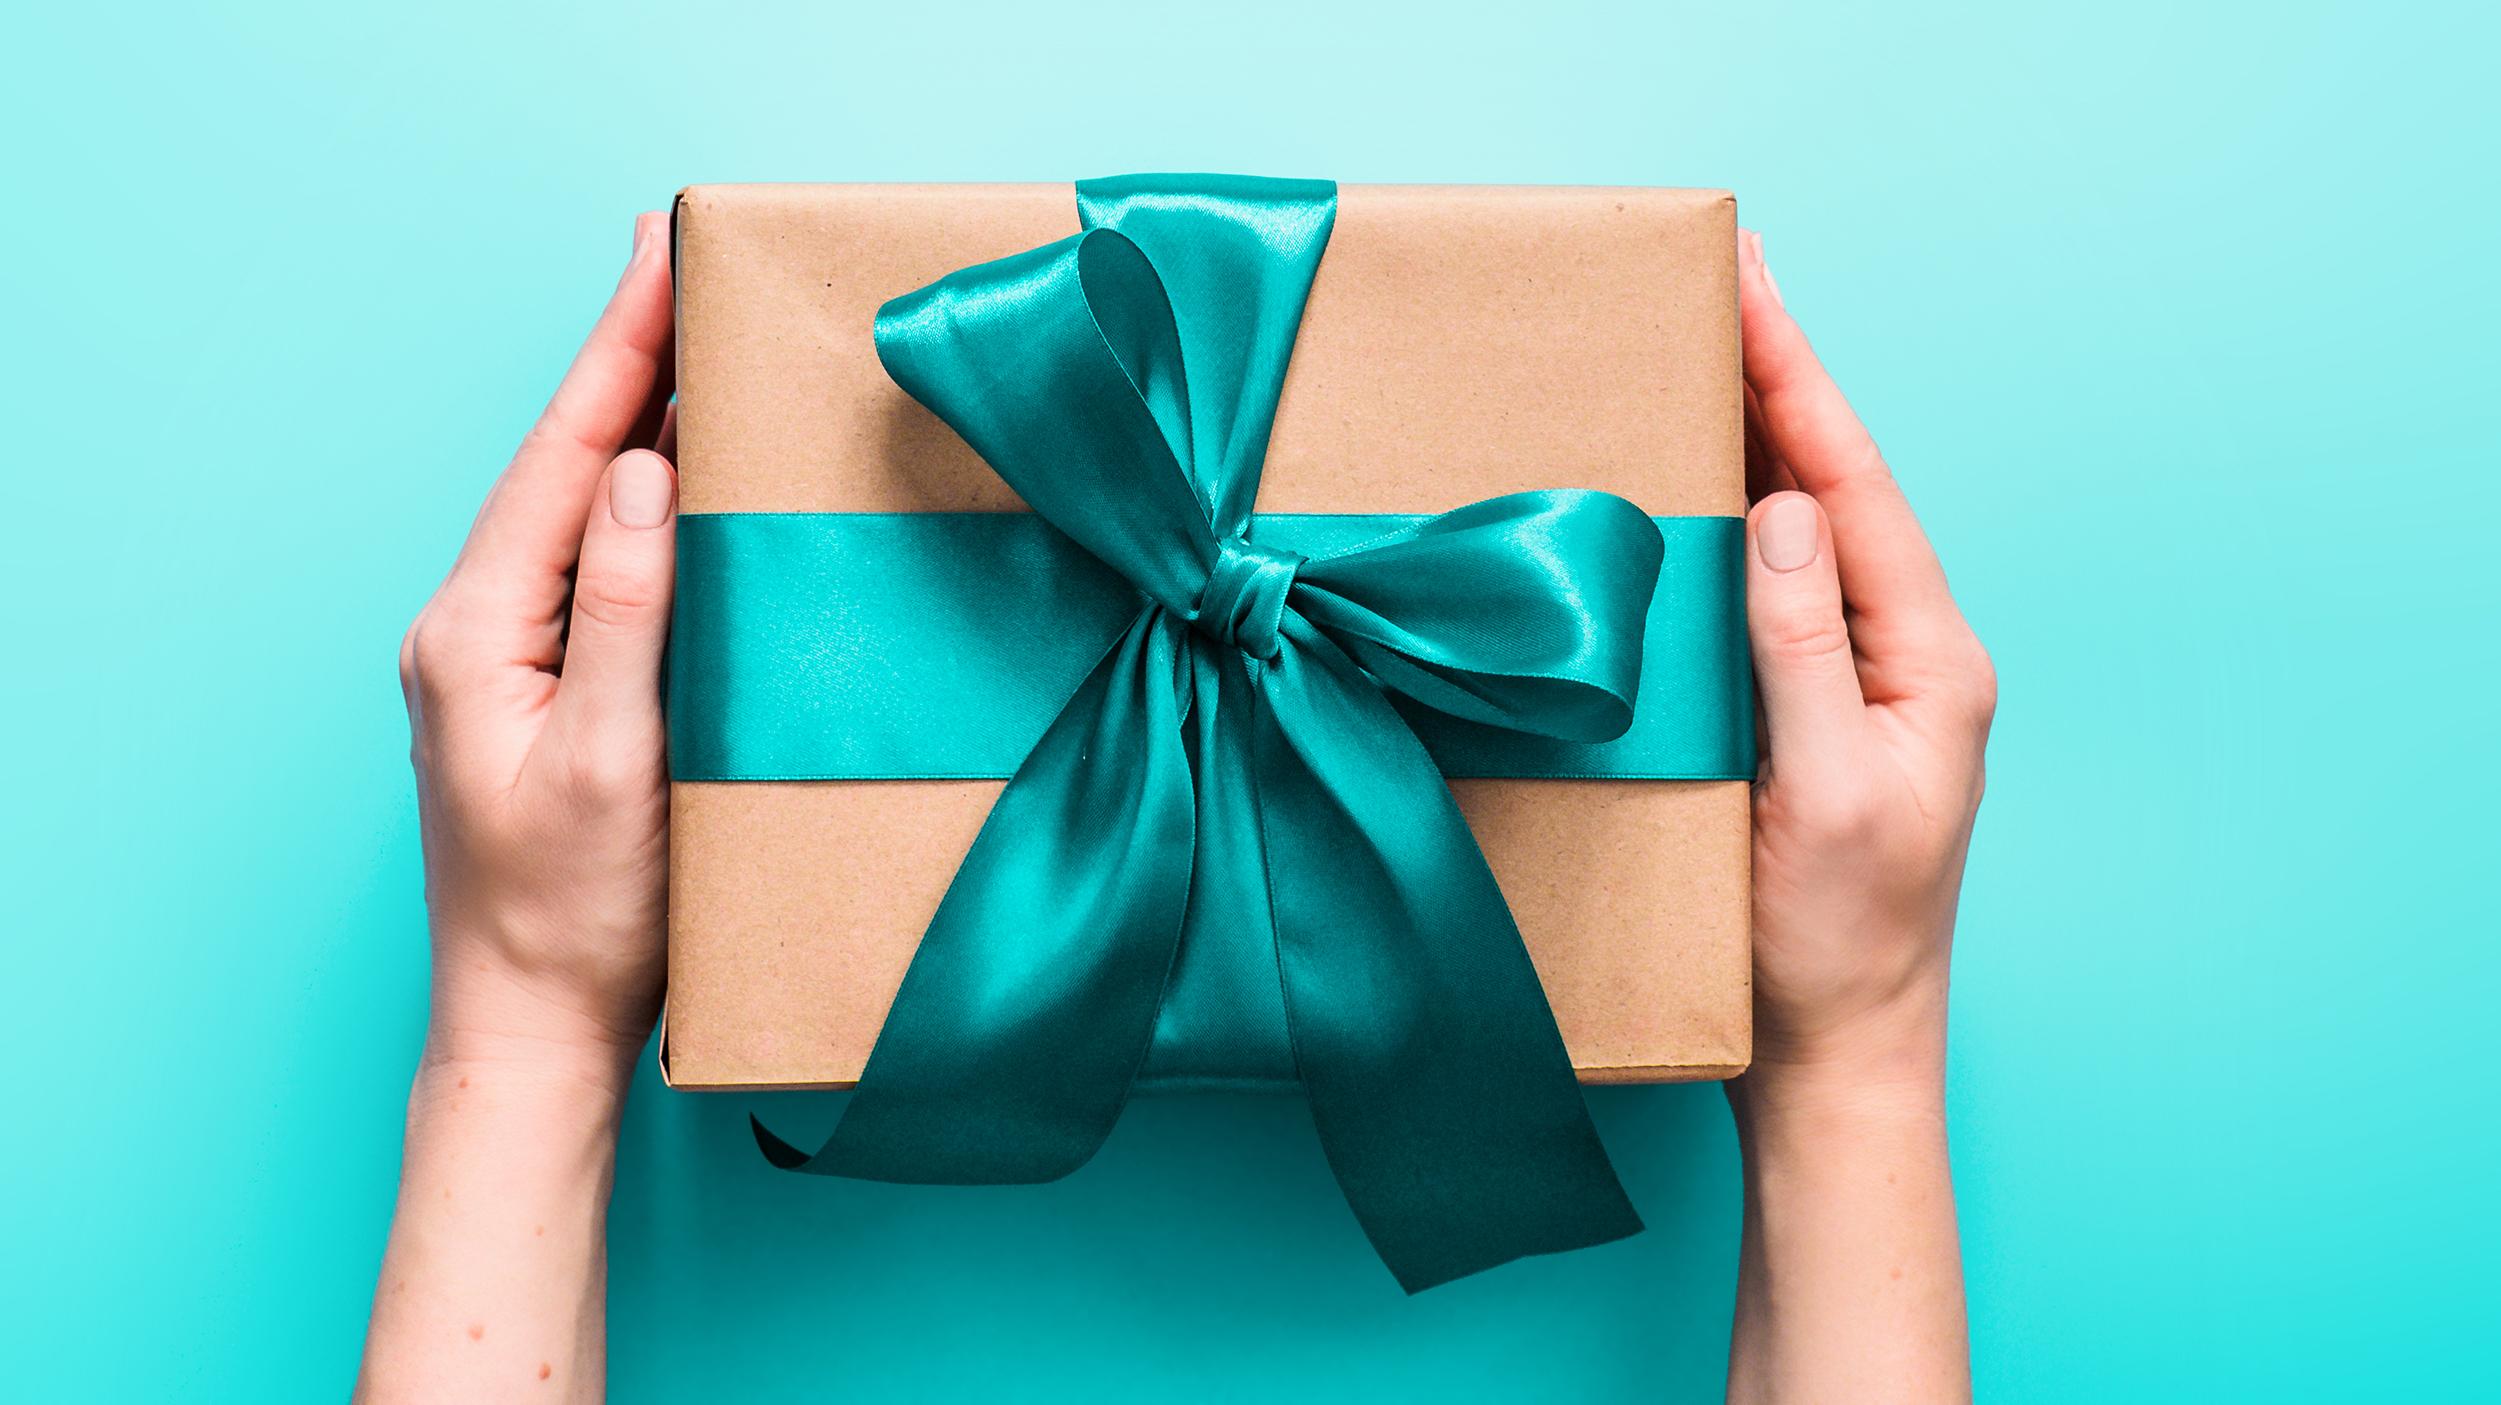 Giải mã những giấc mơ thấy quà tặng – Mơ được tặng quà